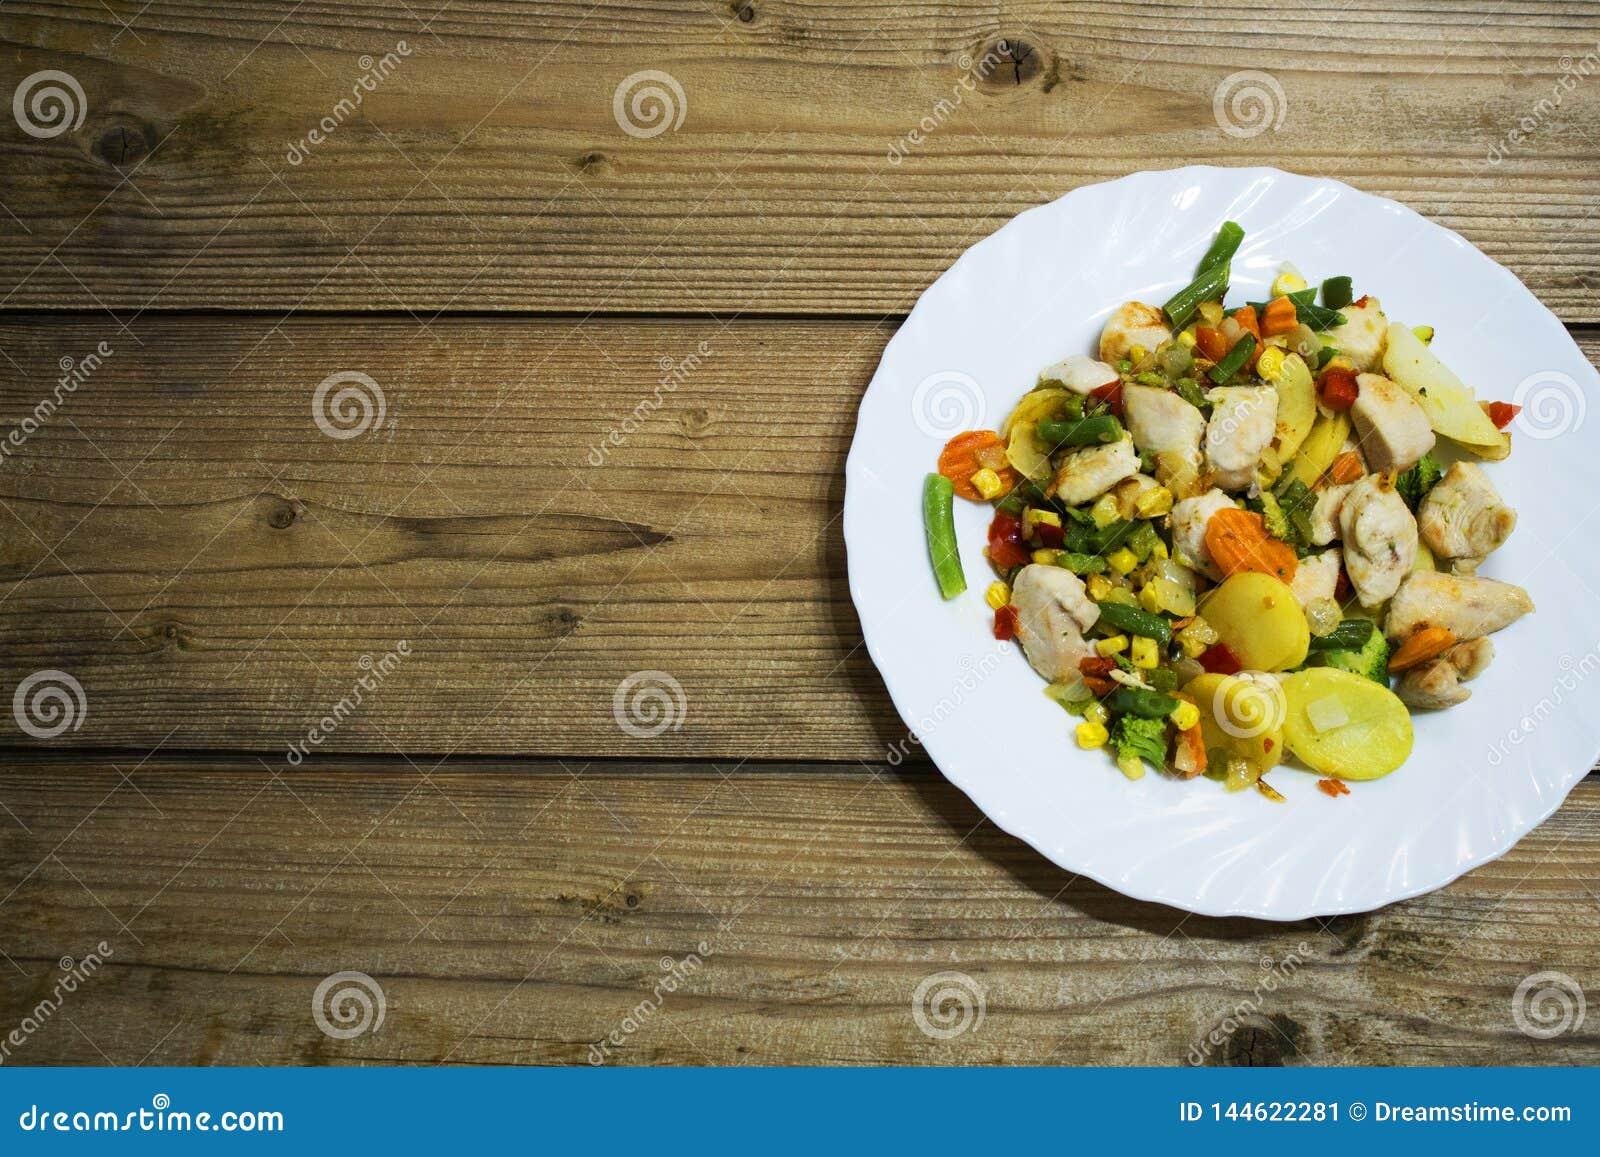 菜和鸡胸脯在木桌上